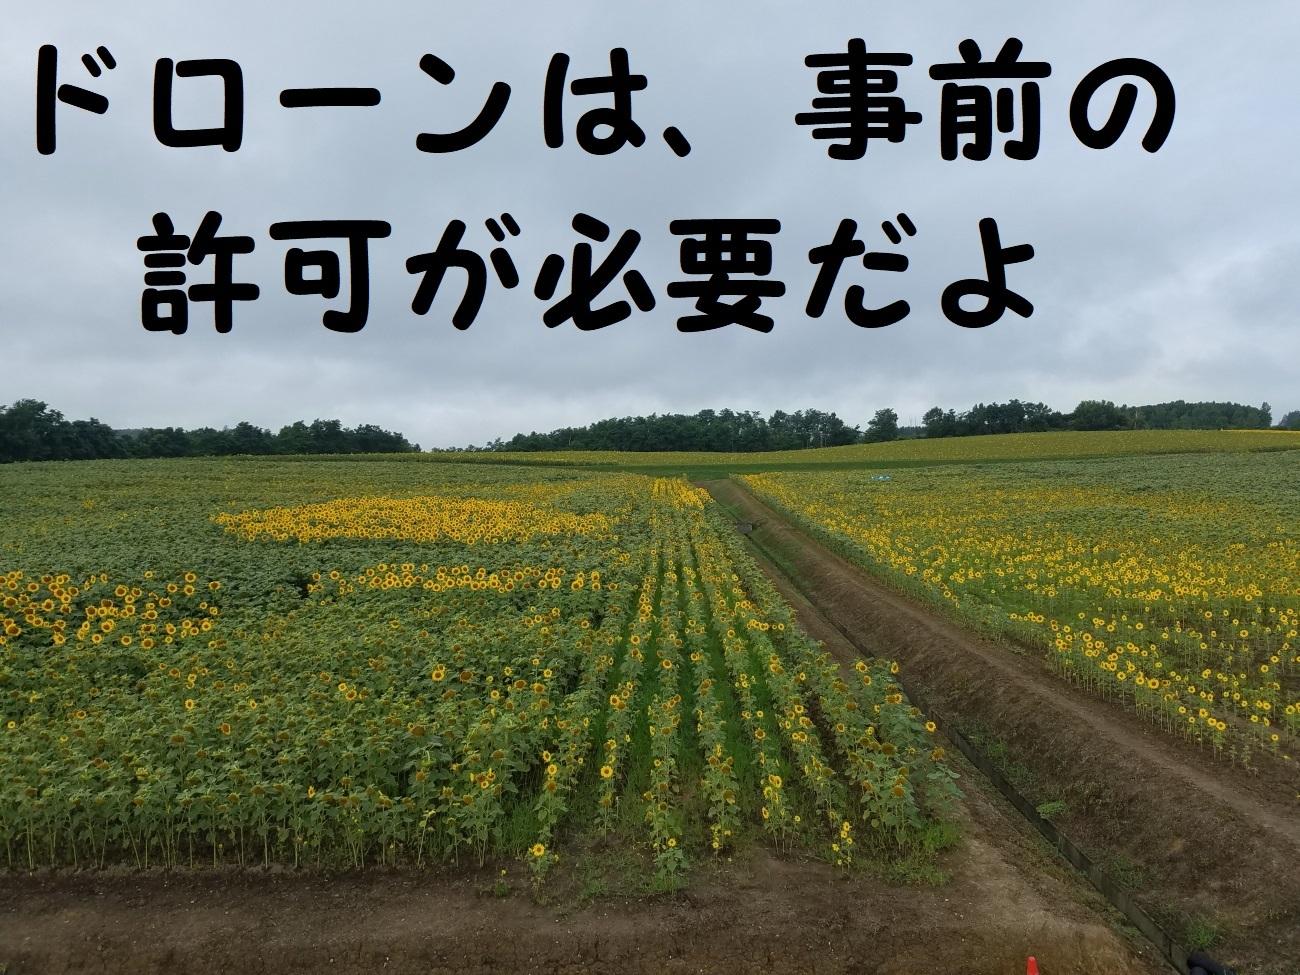 20170818_081703.jpg